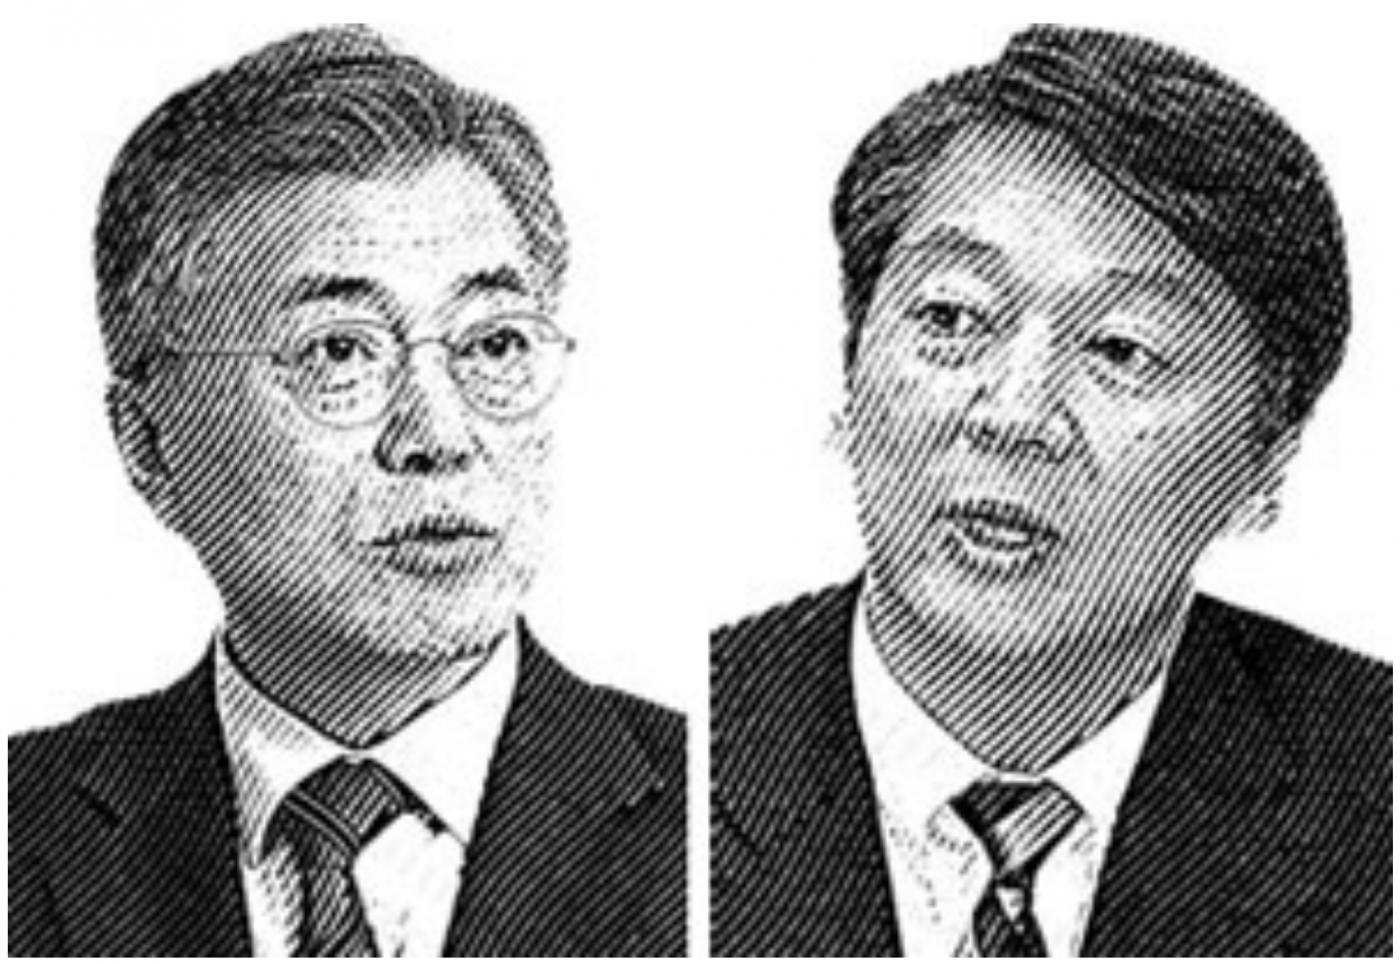 韩国两位总统候选人改变对萨德态度_图1-1